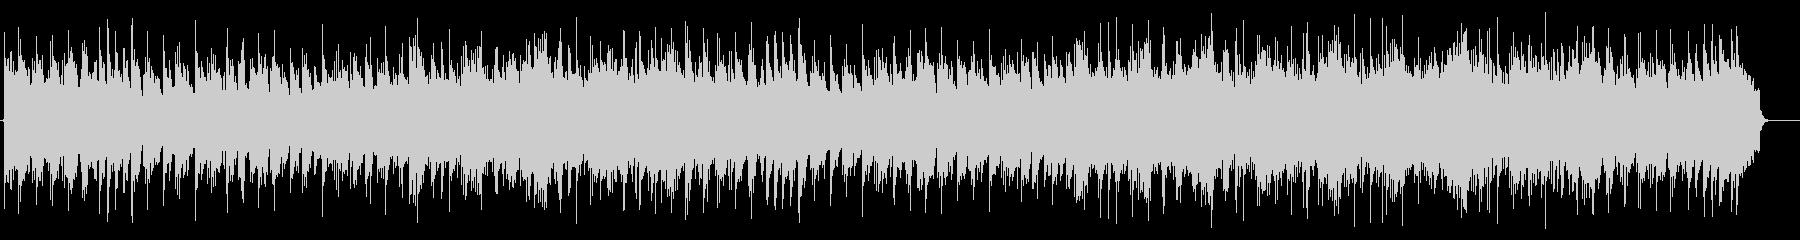 アコースティックバラード(フルサイズ)の未再生の波形